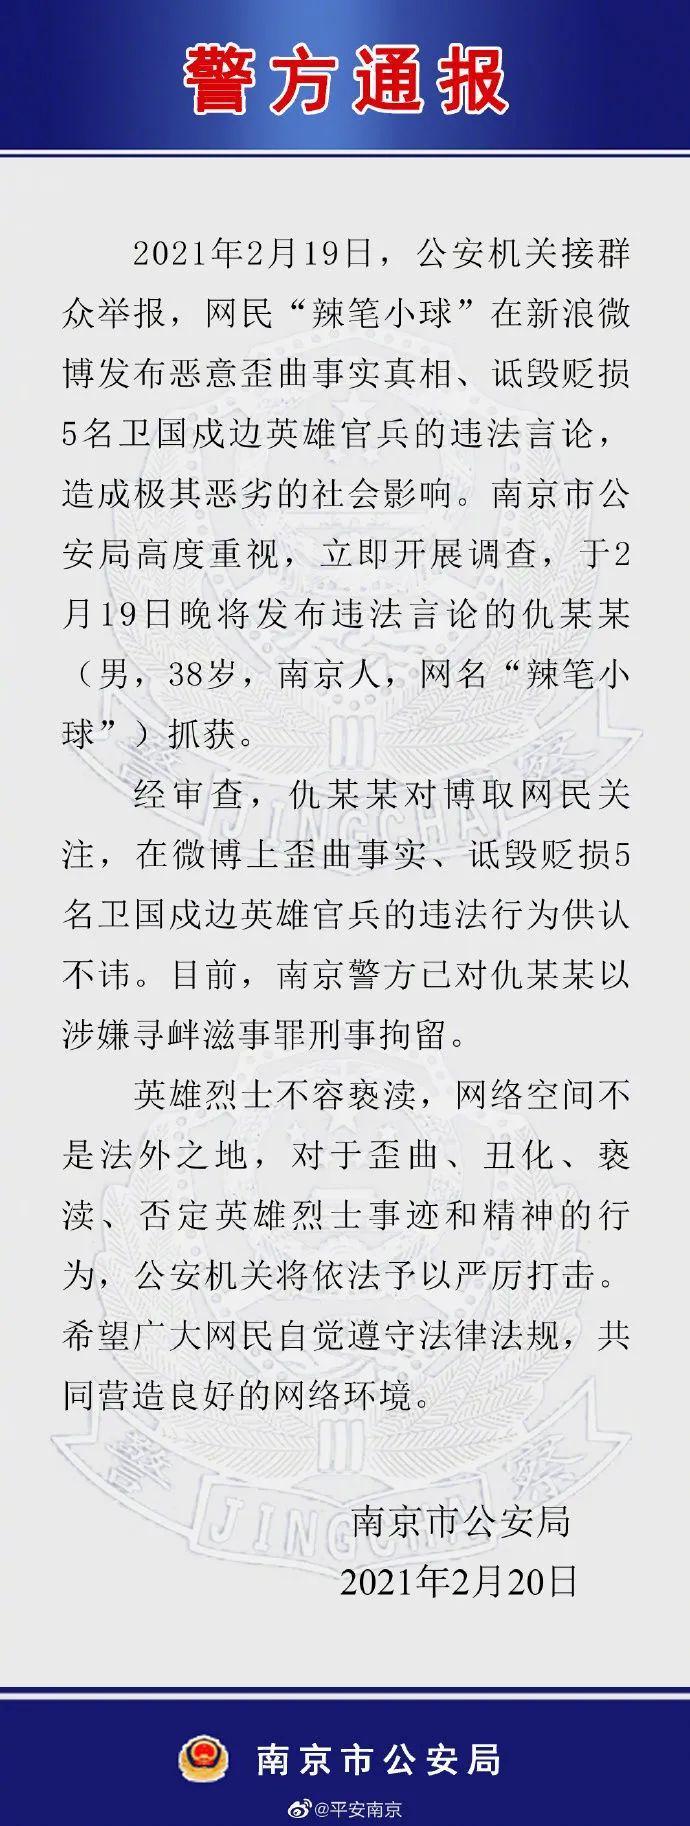 英烈不容亵渎!!一网民发帖诋毁5名卫国戍边英雄被刑拘(图1)